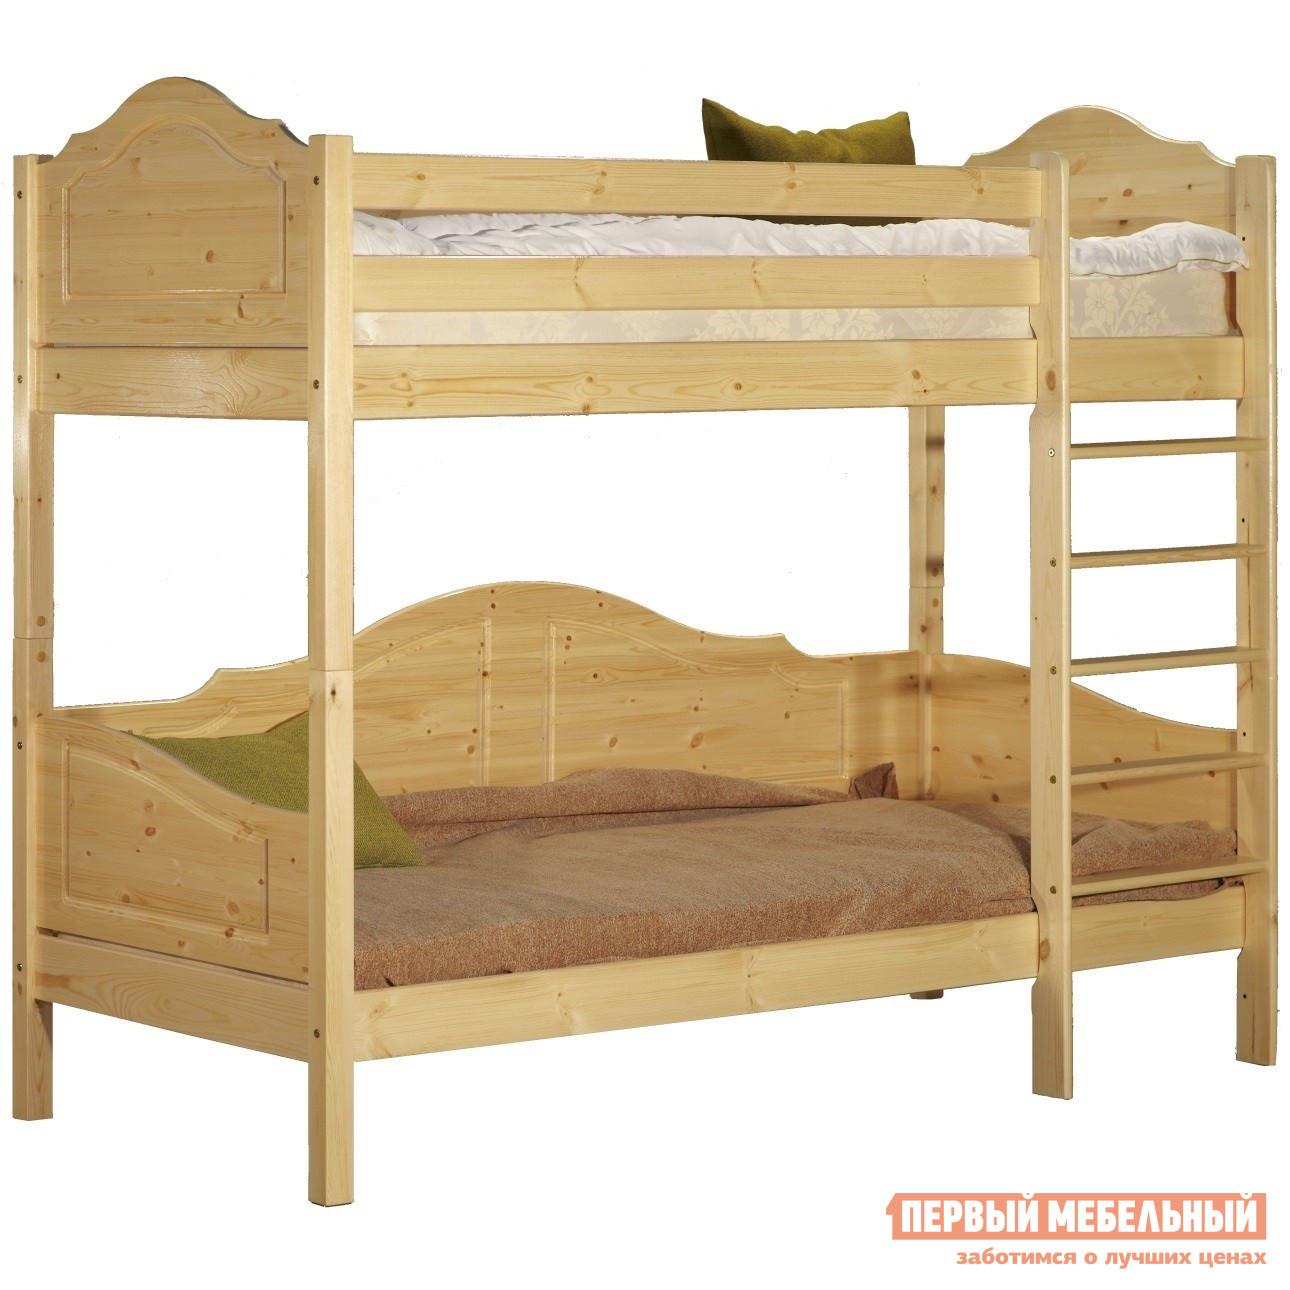 Двухъярусная кровать Timberica Кровать 2-ярусная Кая (K3)